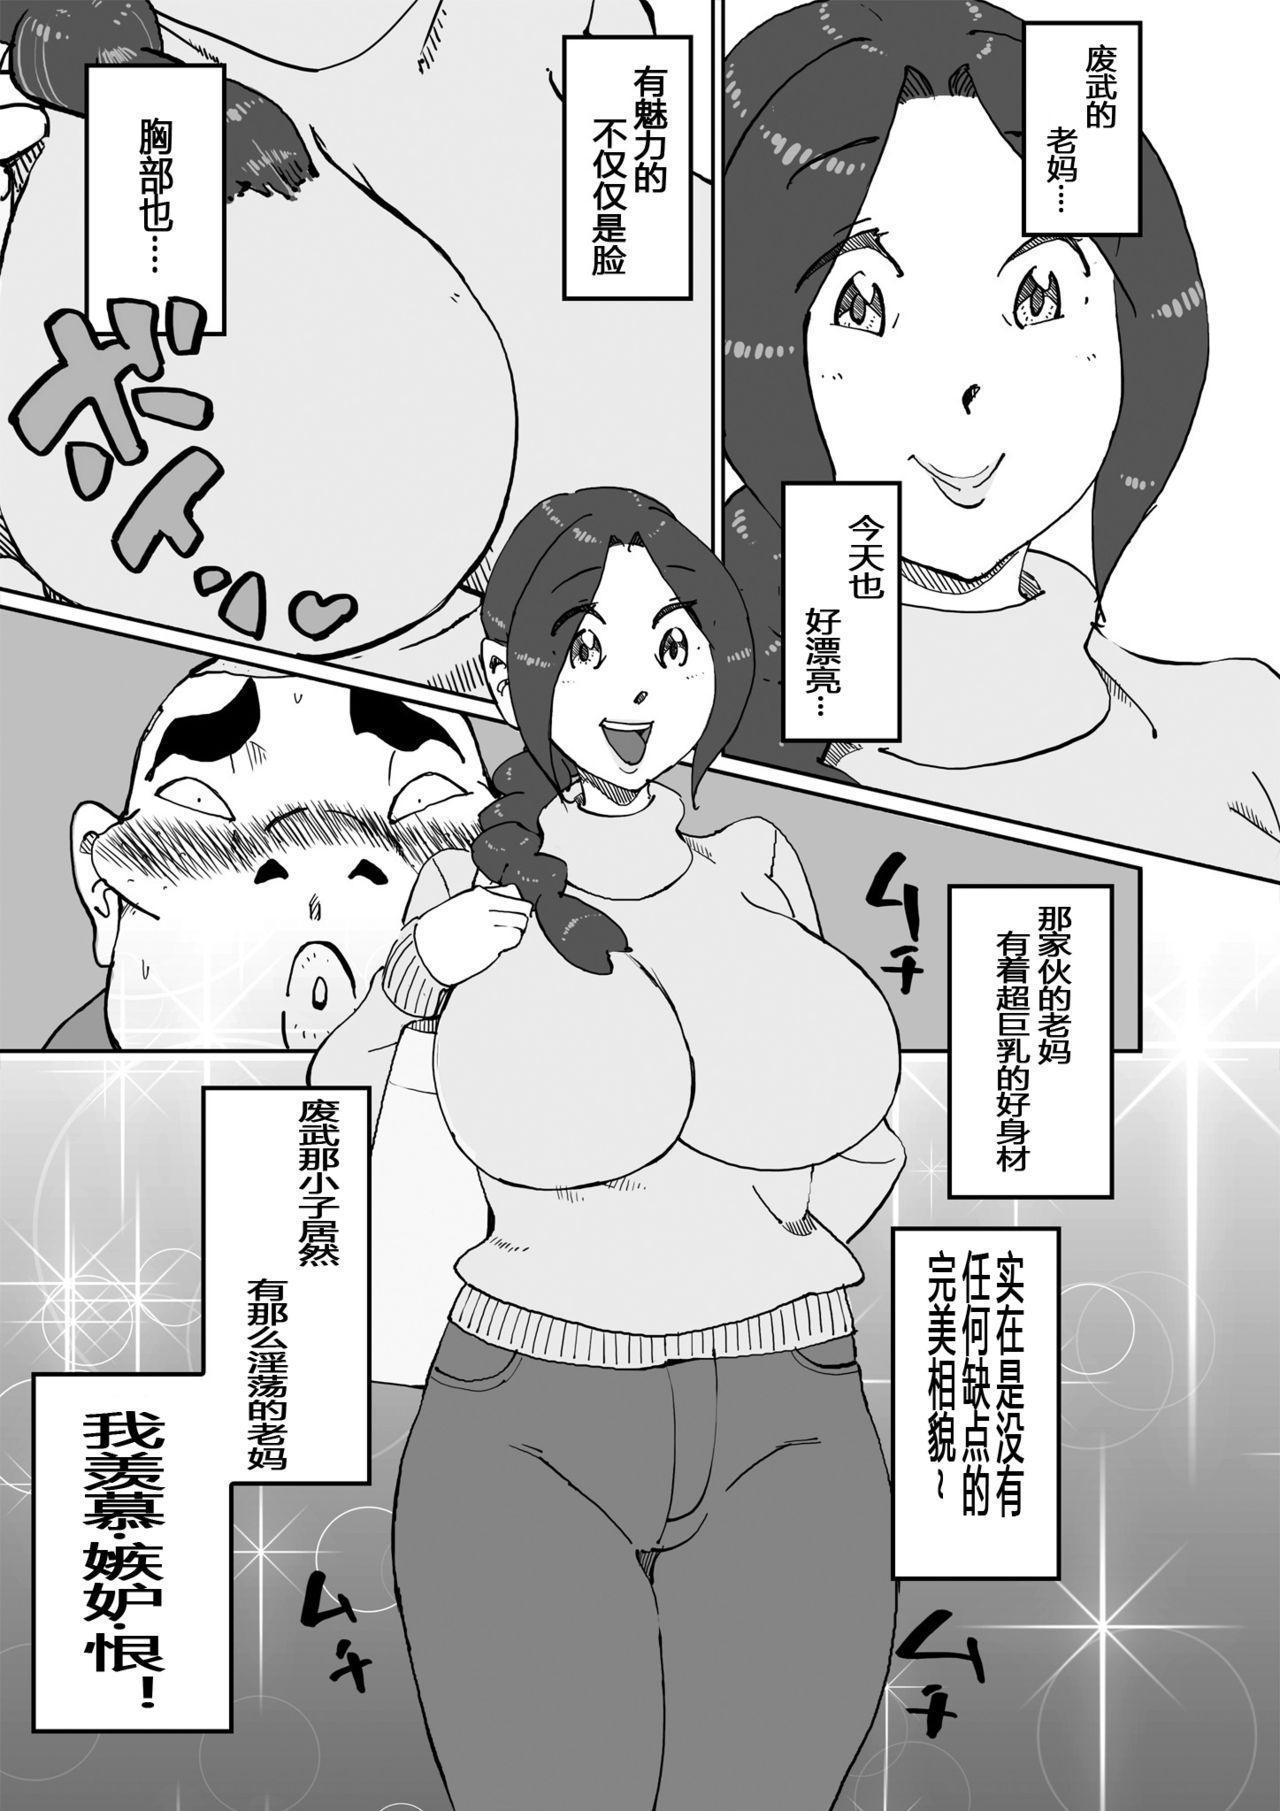 Aitsu no Kaachan to Yaritai・・・ 2